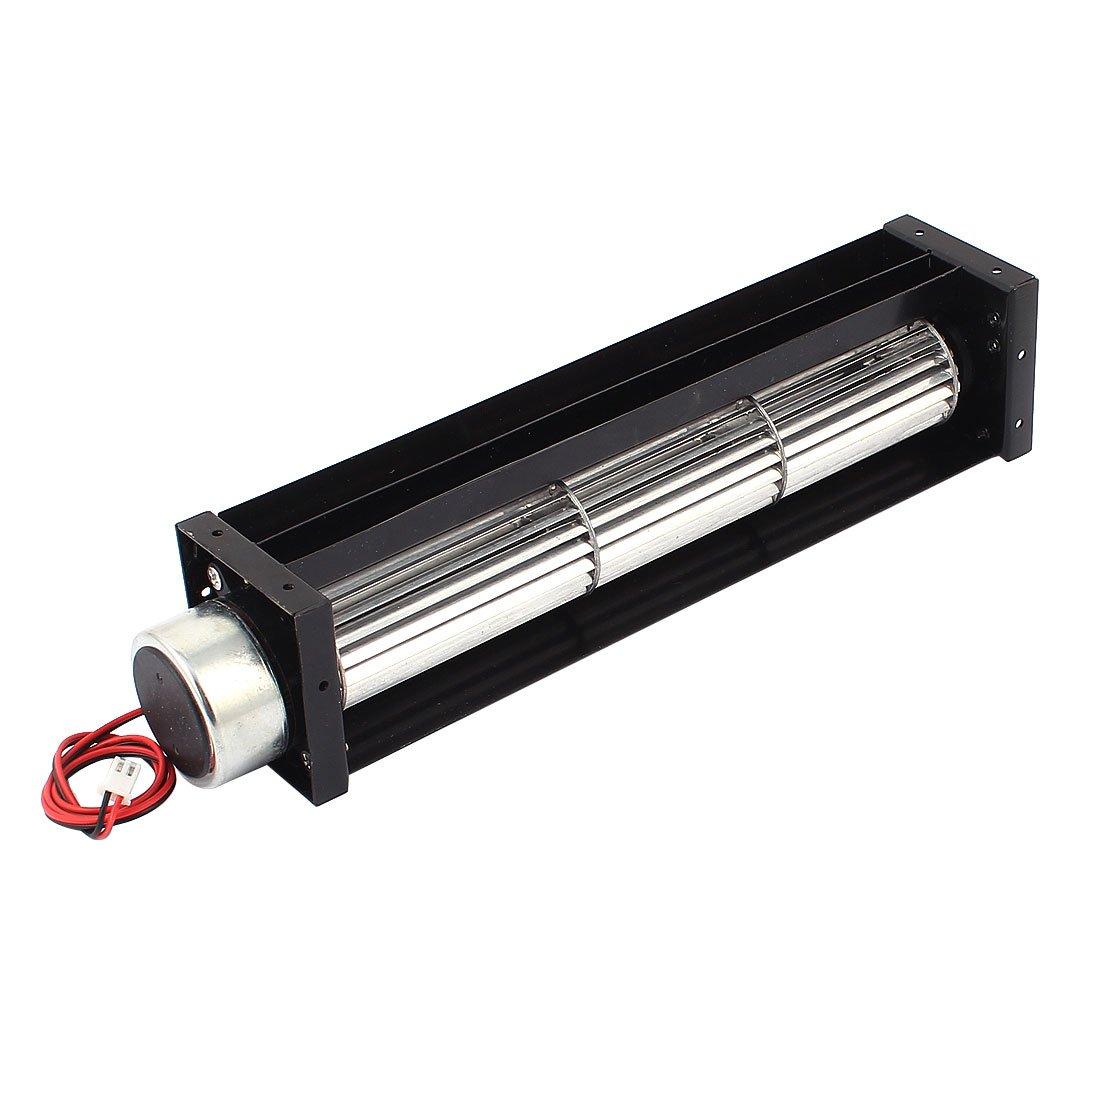 sourcingmap® DC 12V 0.2A Ventilateur refroidissement à flux croisé Amplificateur échangeur de chaleur refroidissement Turbo 30x190mm sourcing map US-SA-AJD-137906